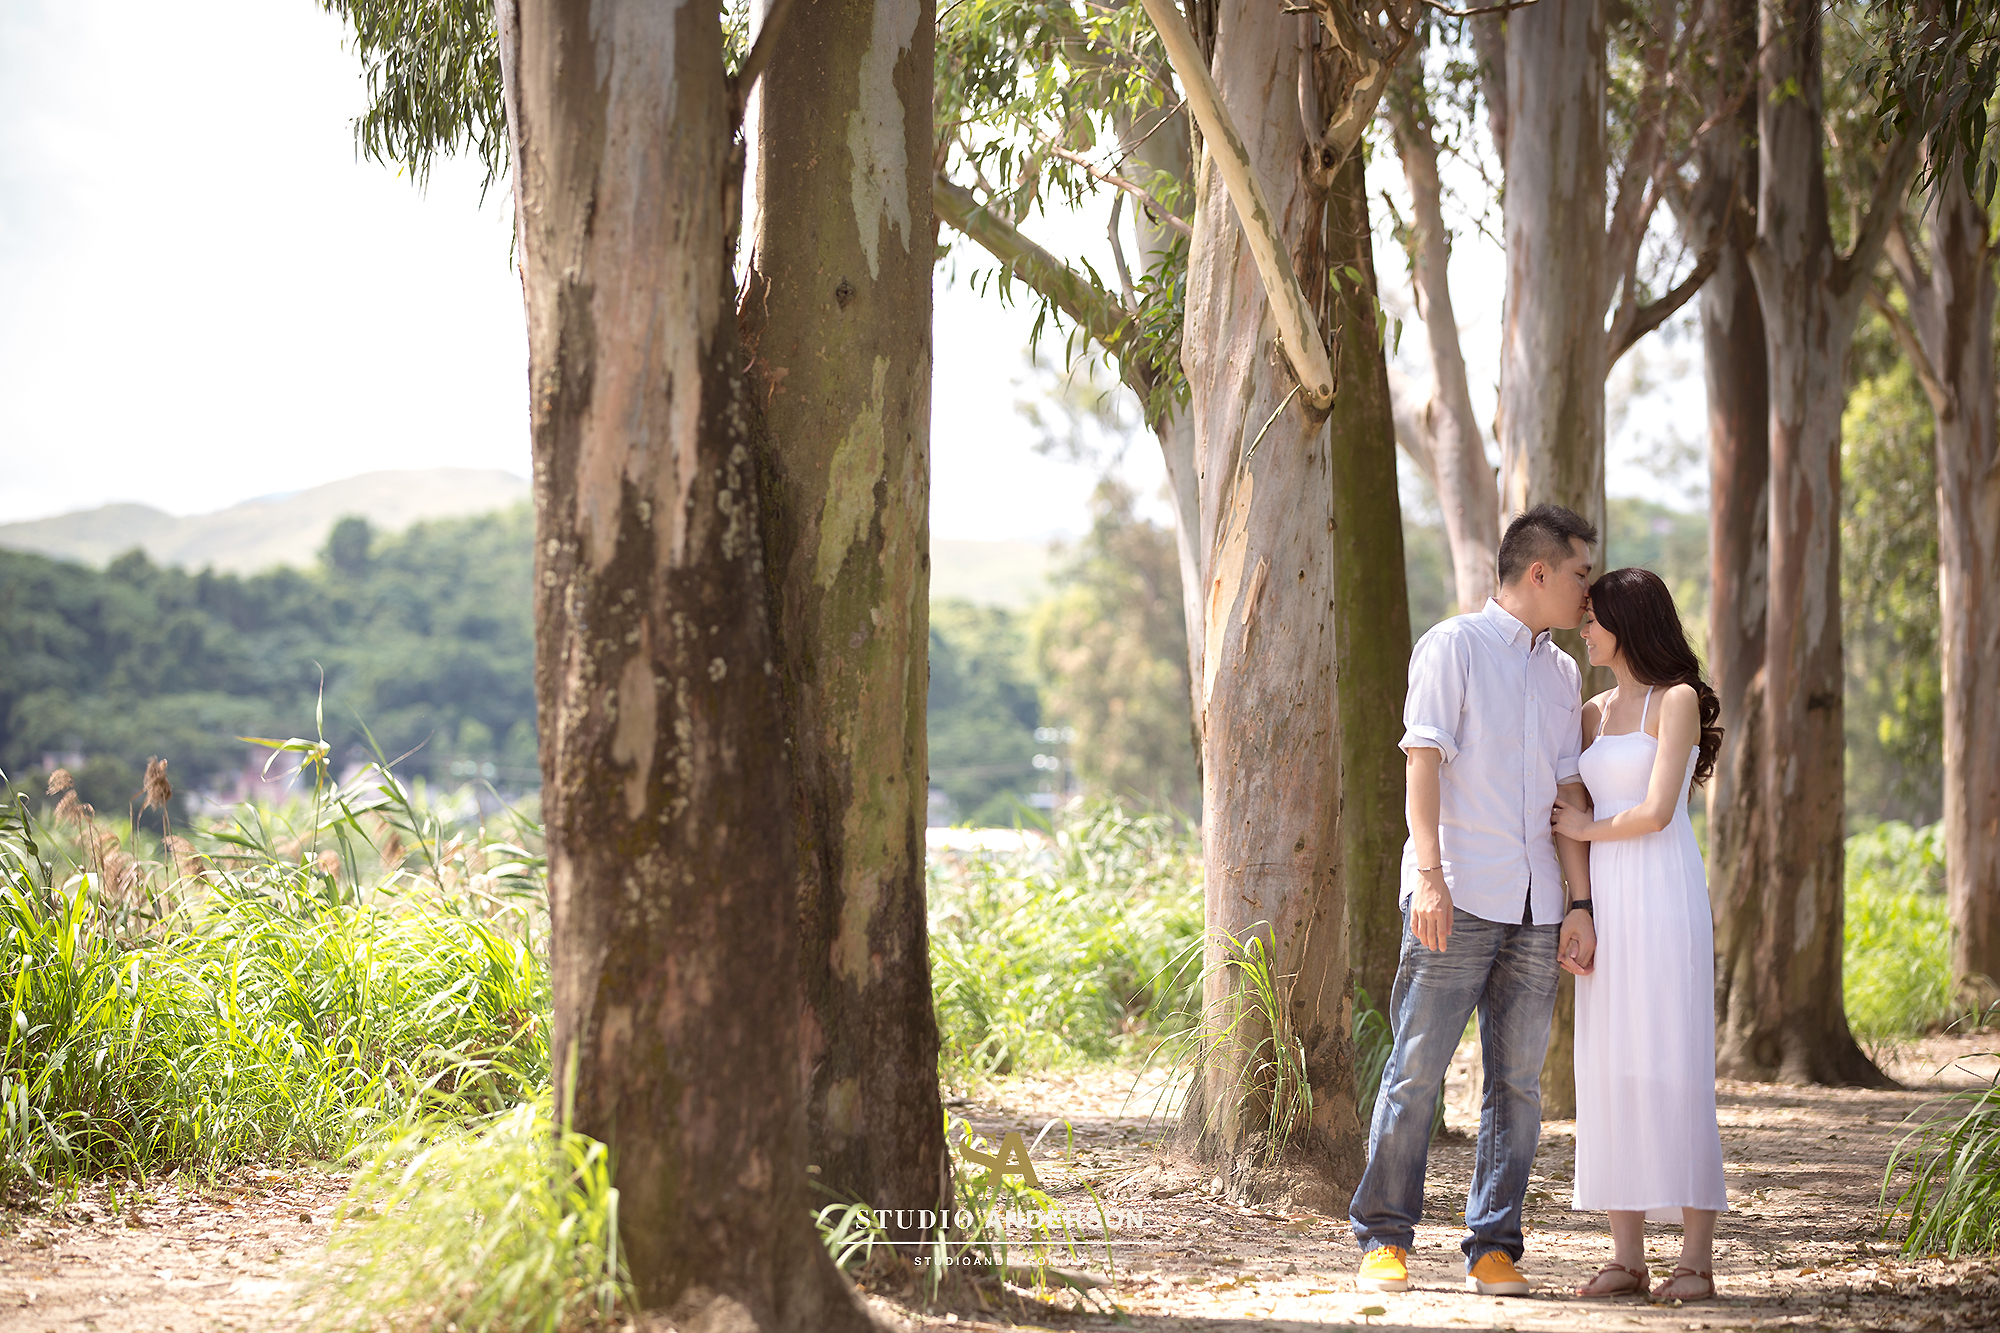 001 - Jay and Hang engagement (Watermark).jpg